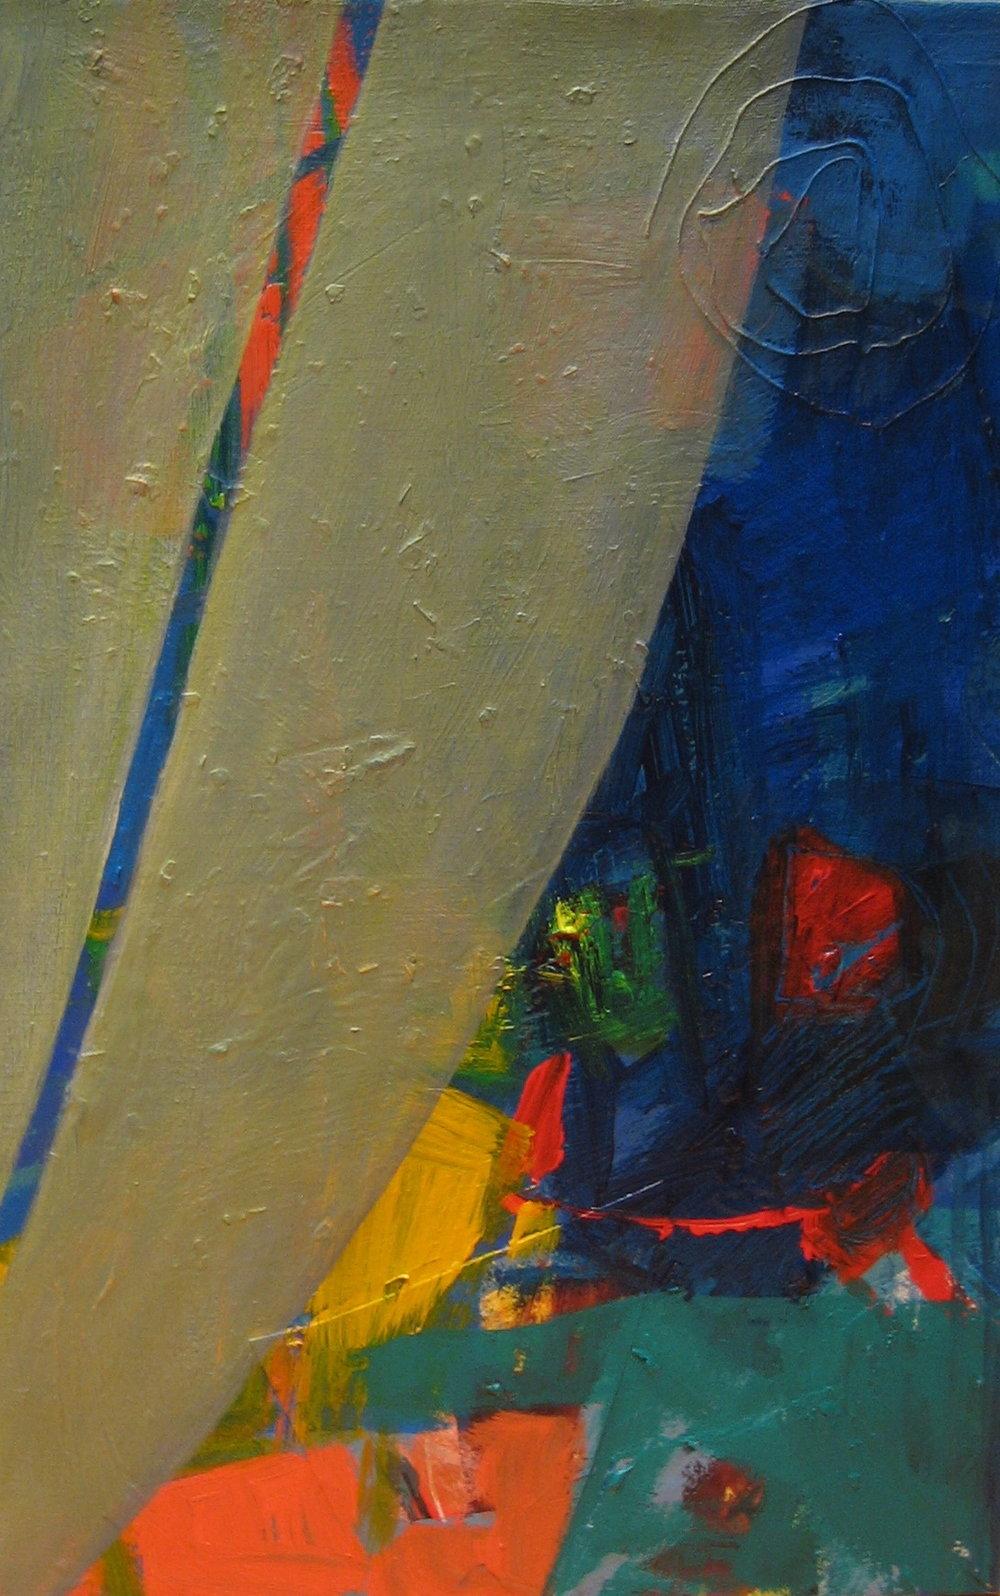 <b>Untitled, NY 09'</b>